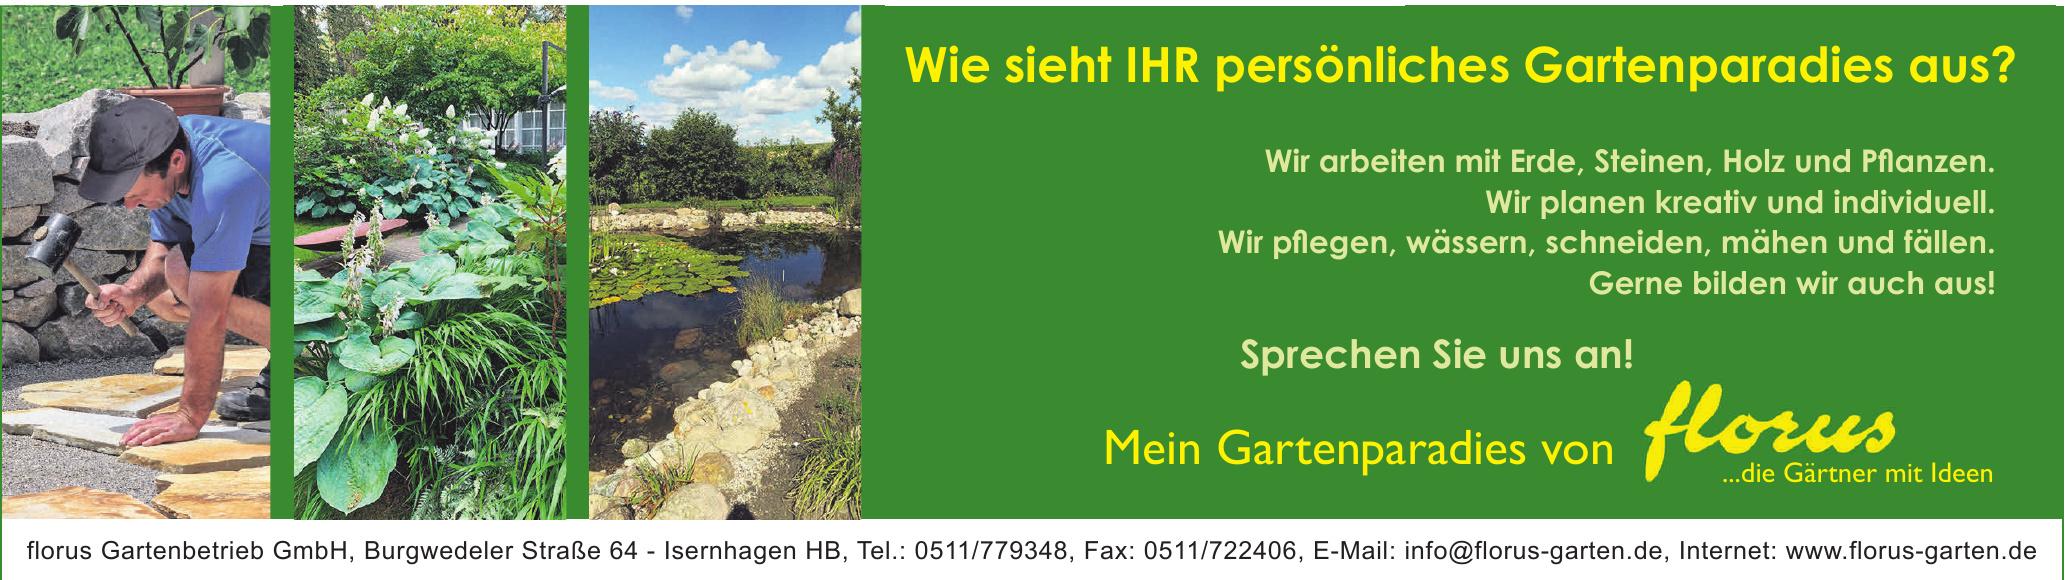 florus Gartenbetrieb GmbH,